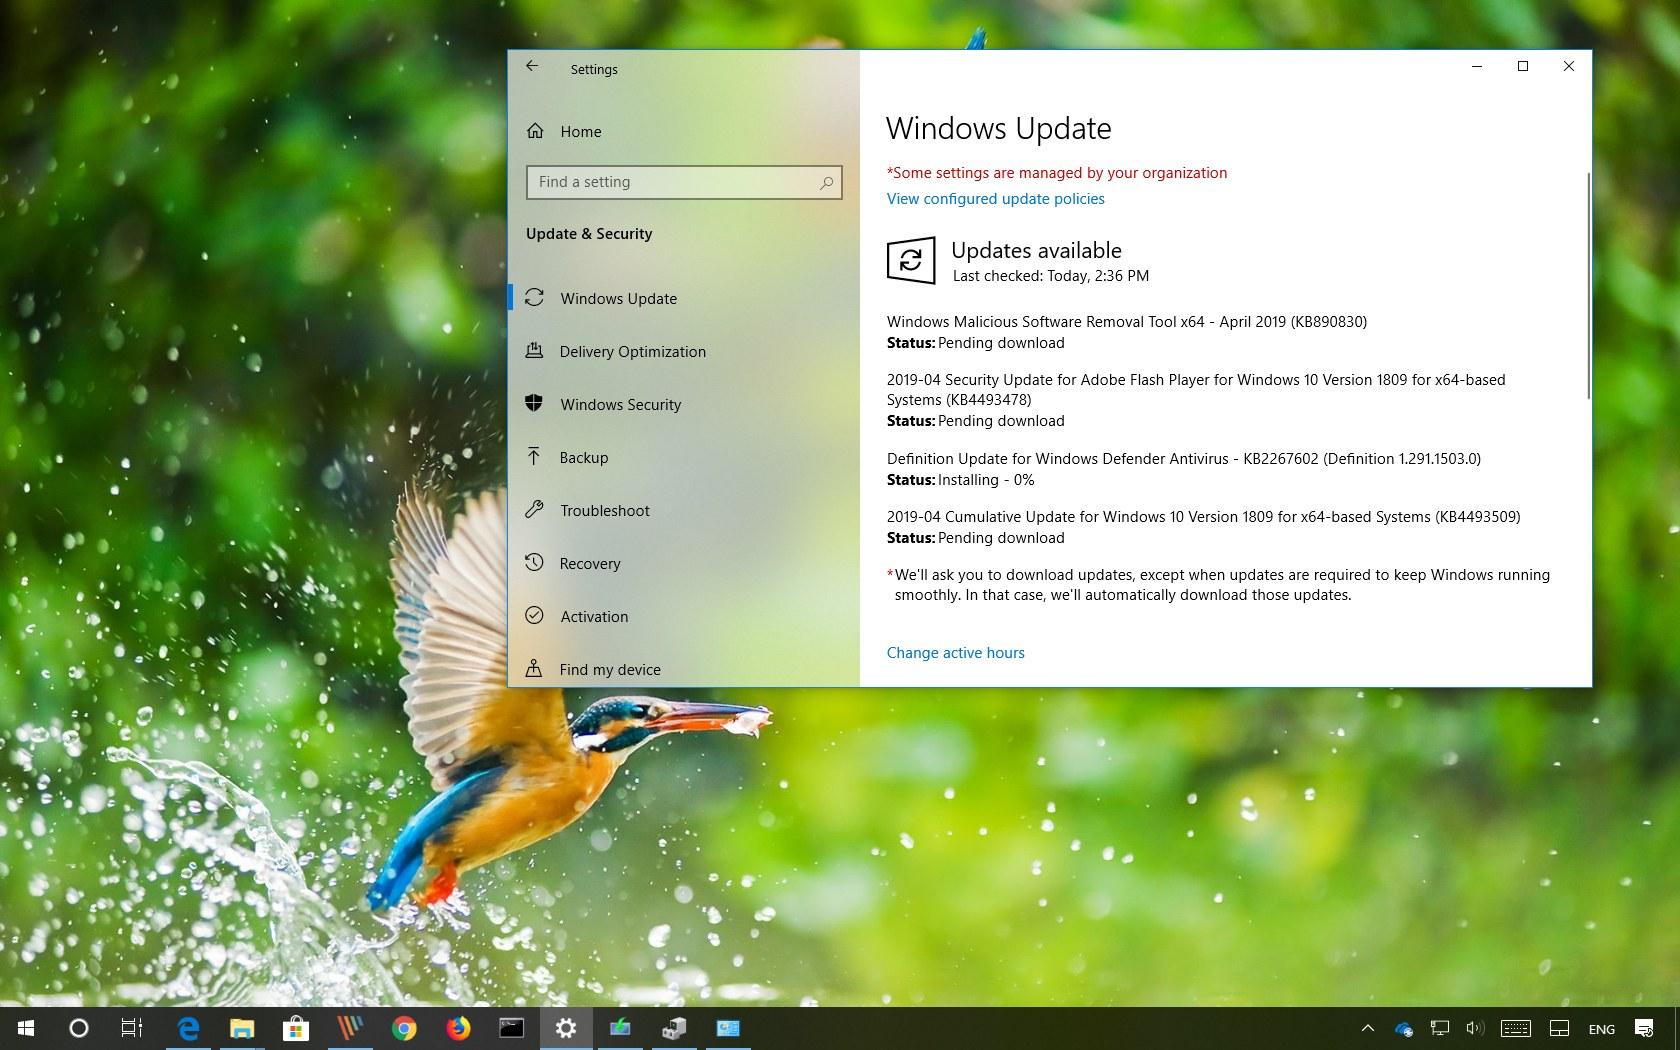 Windows 10 update KB4493509 (build 17763 437) releases